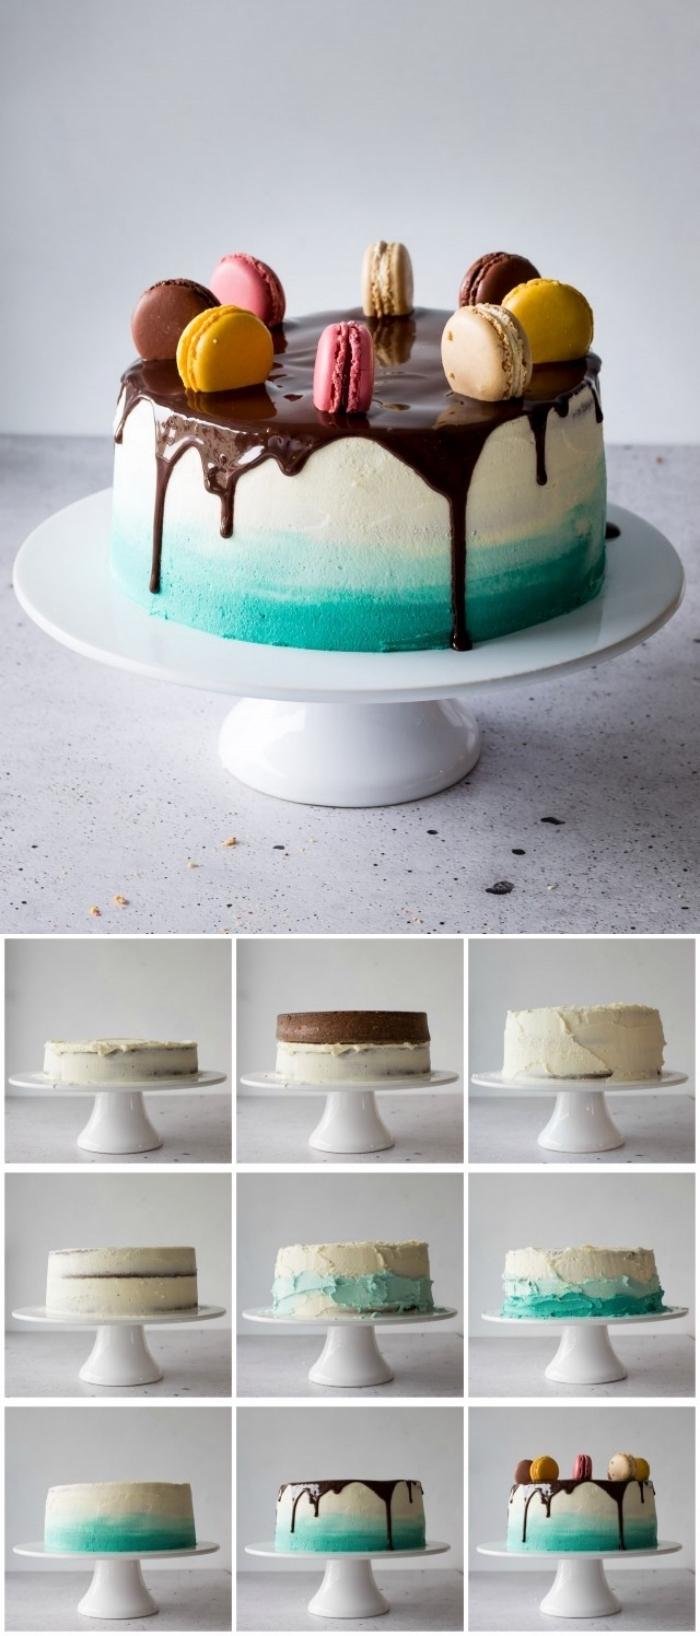 tuto pour décorer facilement un gâteau au nappage gateau en dégradé, ombre cake au glaçage coulant de chocolat